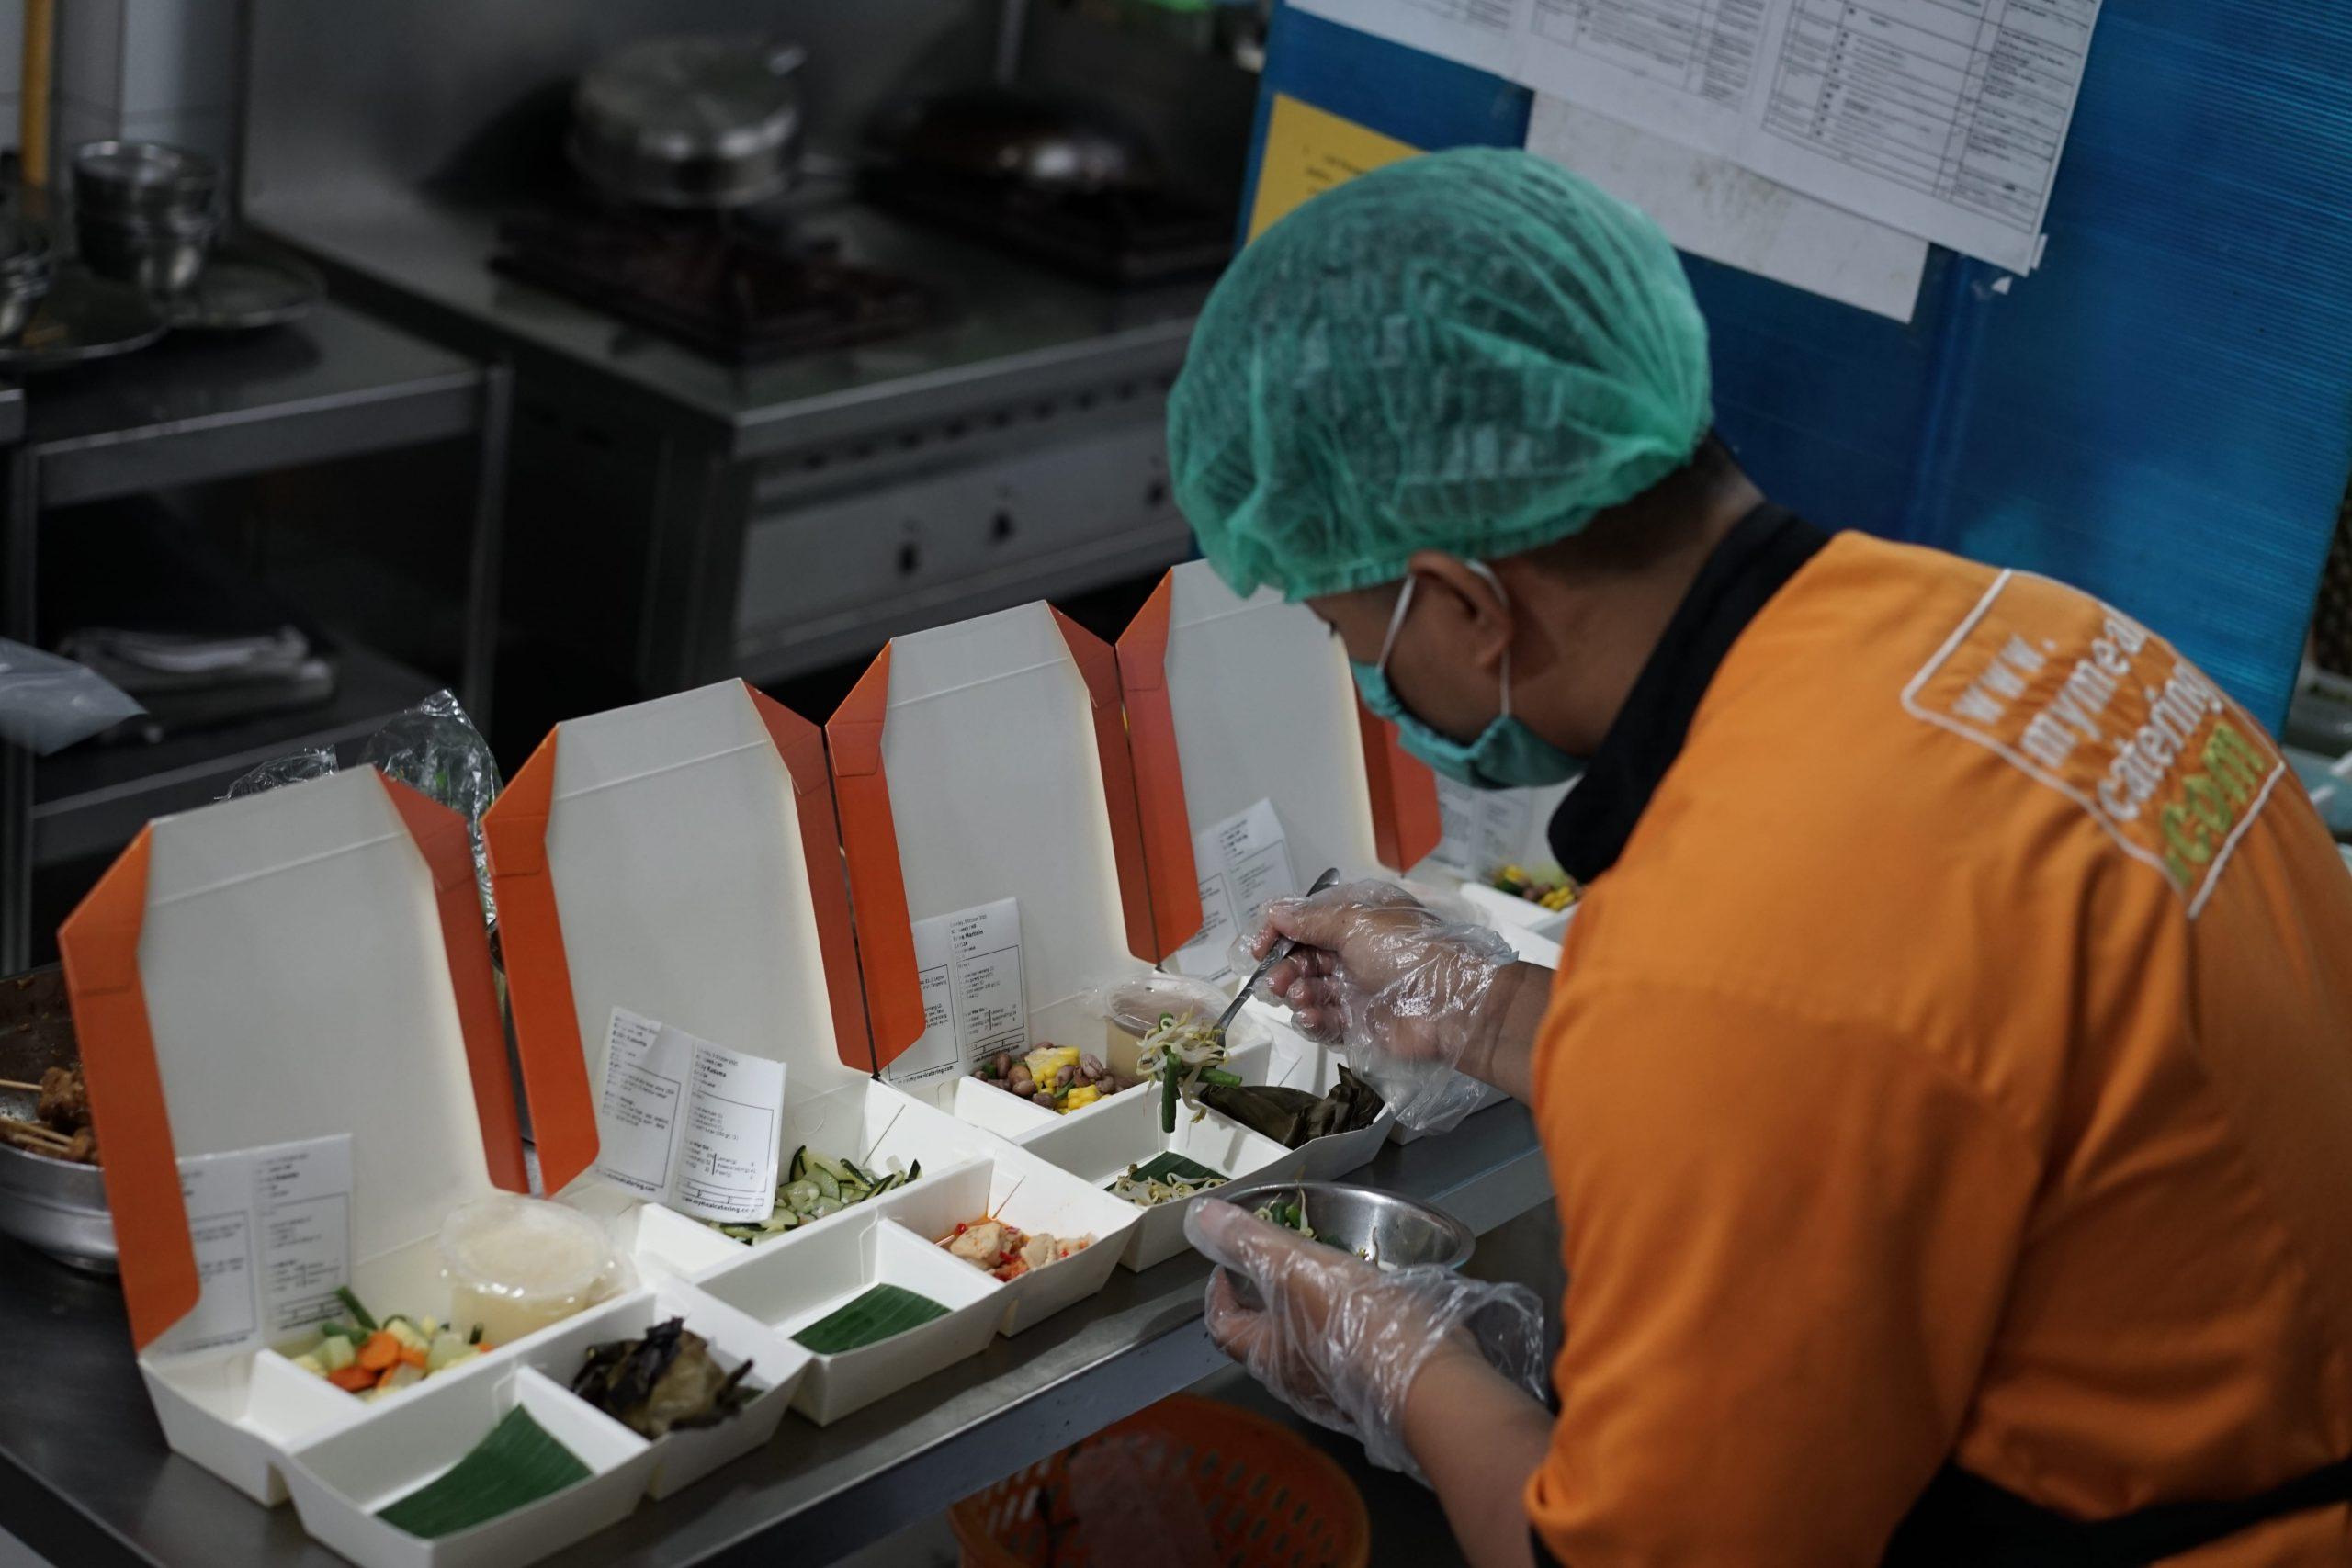 ahli gizi QC MyMeal Catering sedang menata makanan pelanggan